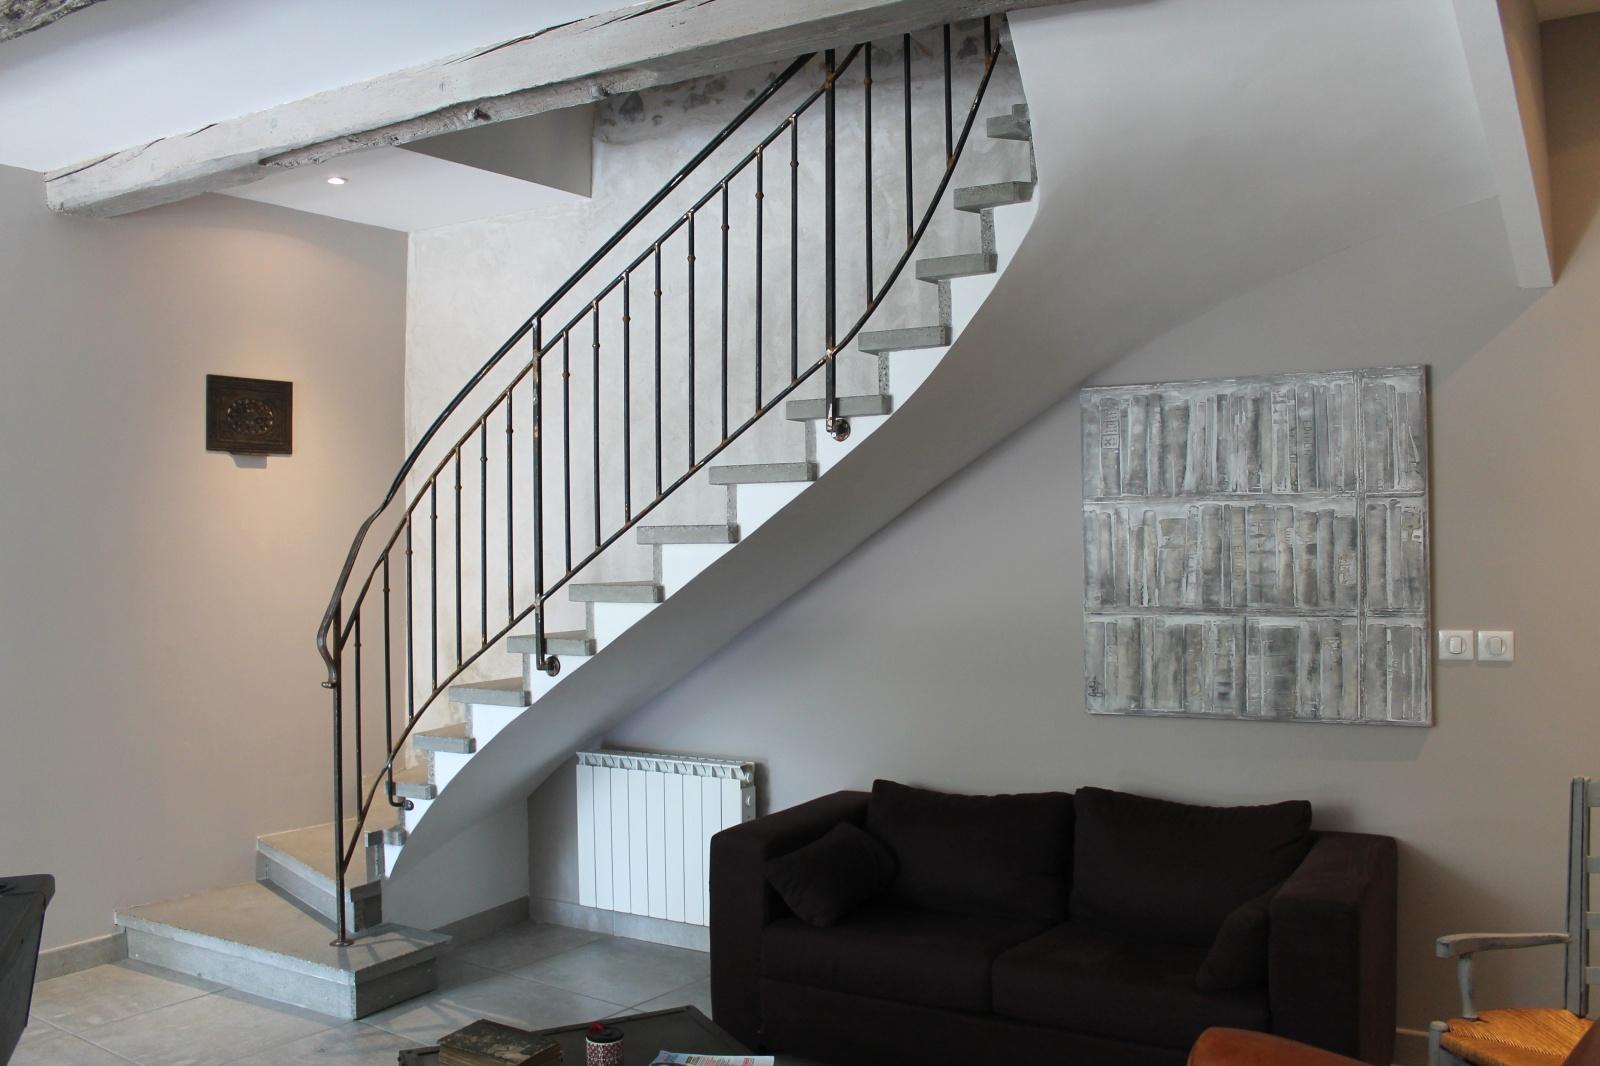 La Deuxième Est Un Escalier En Ciment Avec Un Nez De Marche Chanfrainé Qui  Su0027adapte Trés Bien Dans Les Lieux De Services.